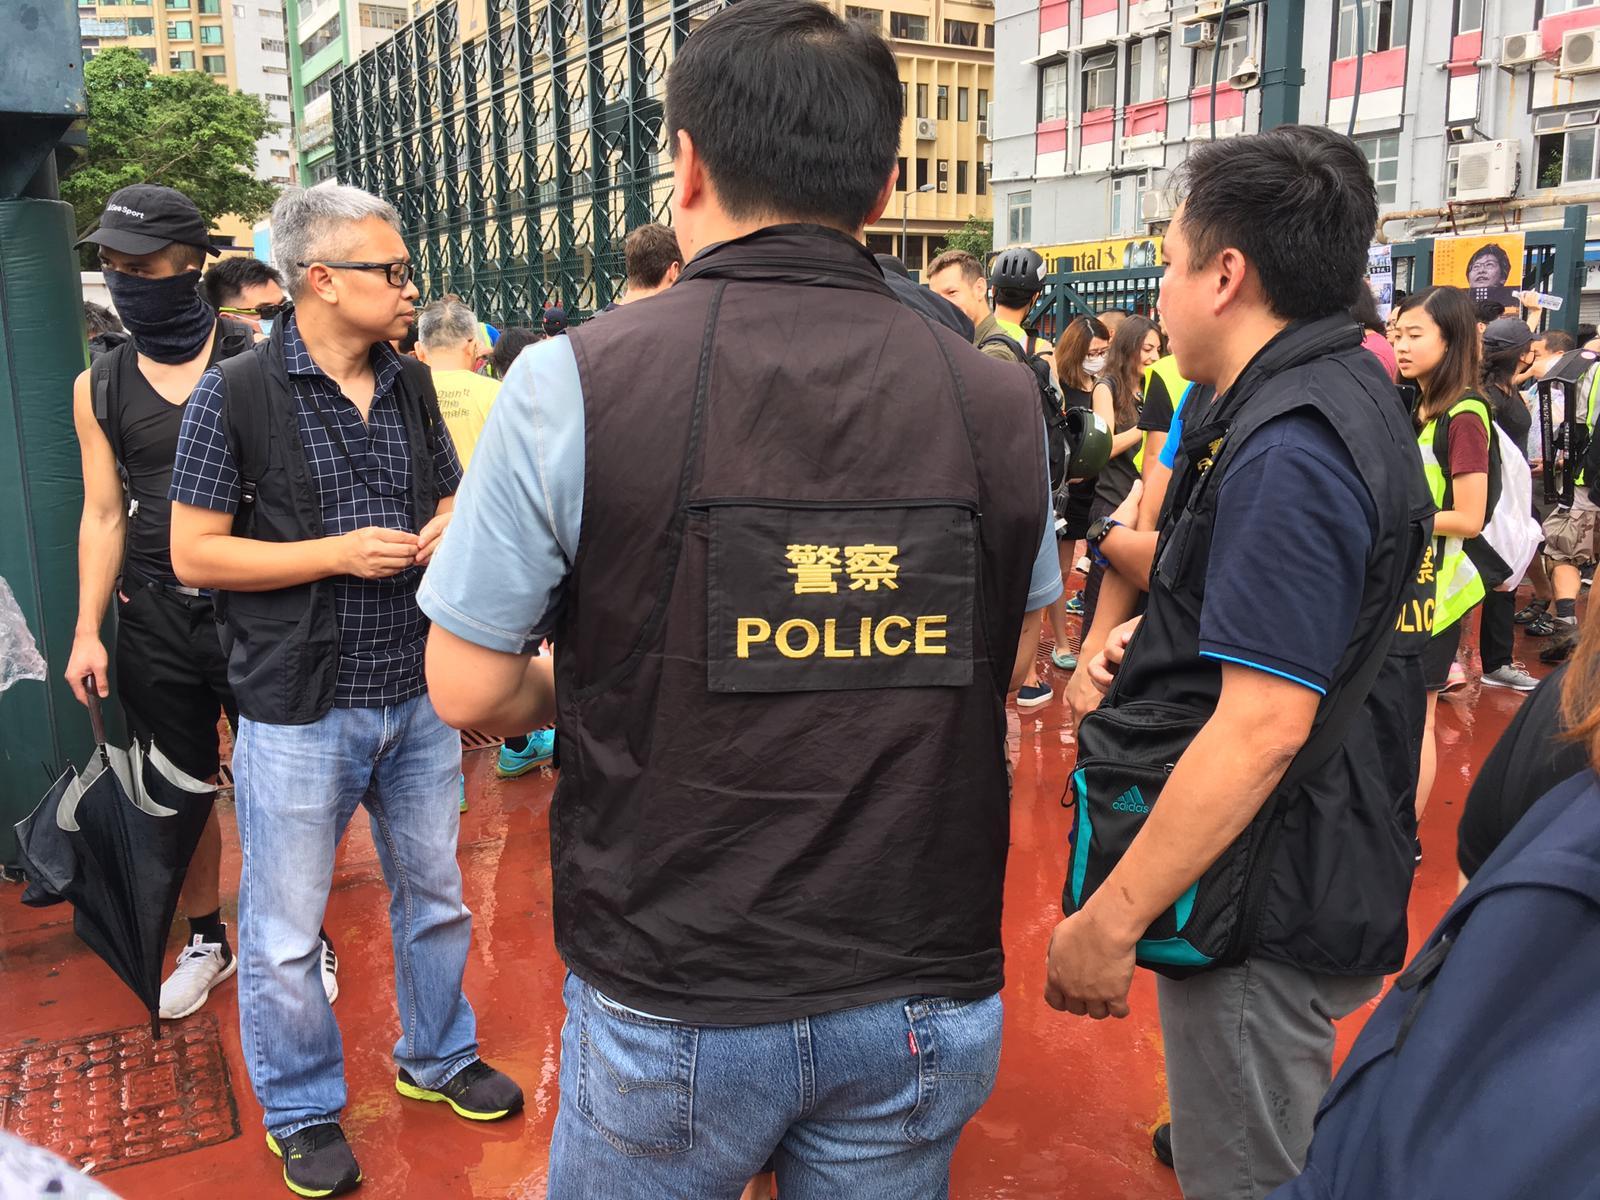 現場有穿著警察背心的人士,準備跟遊行糾察簡介及點人數。